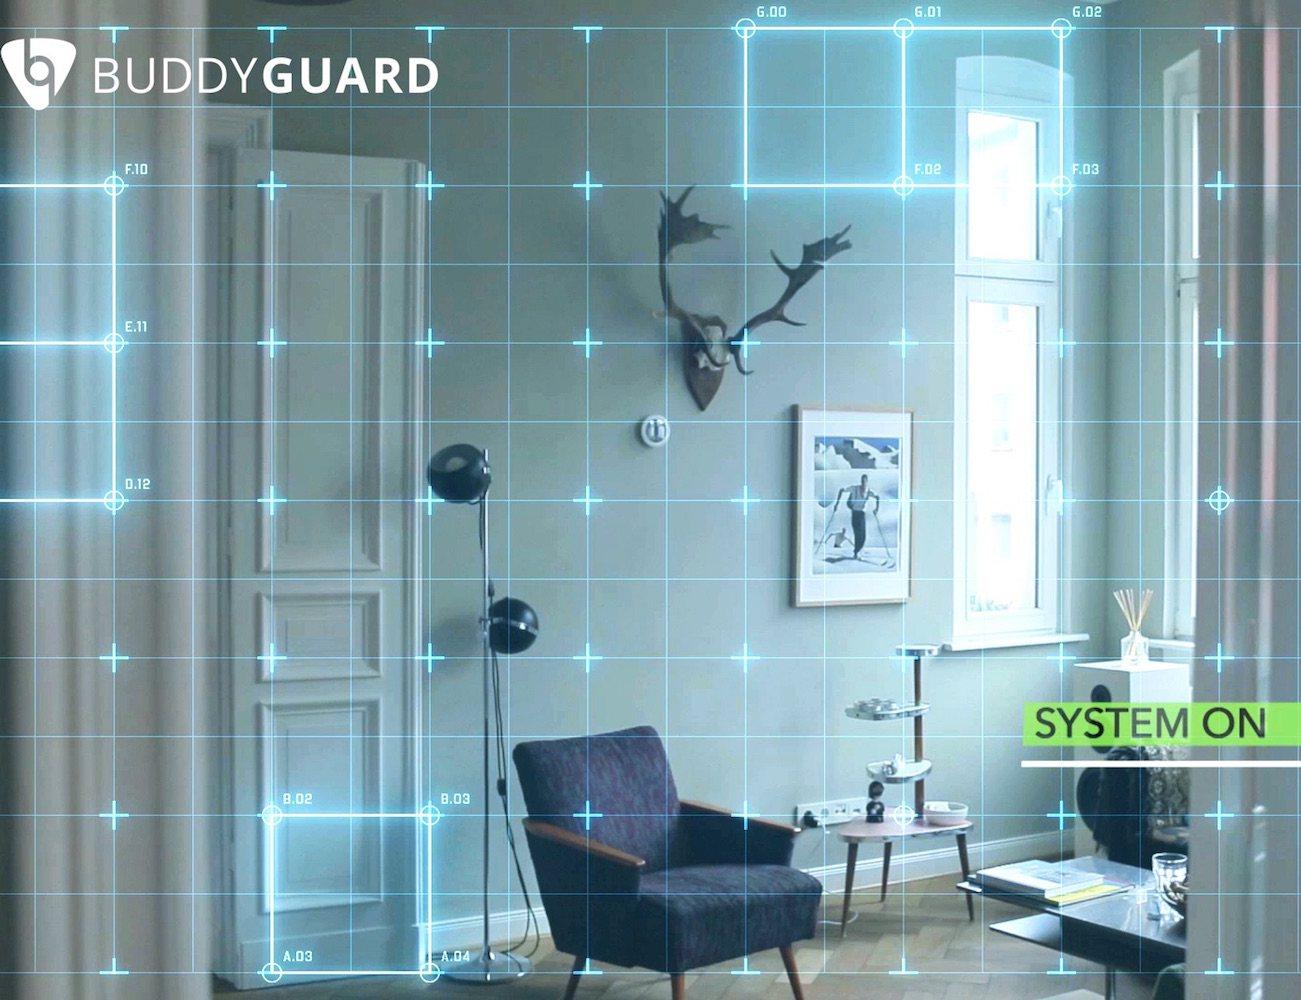 buddyguard-flare-home-security-01